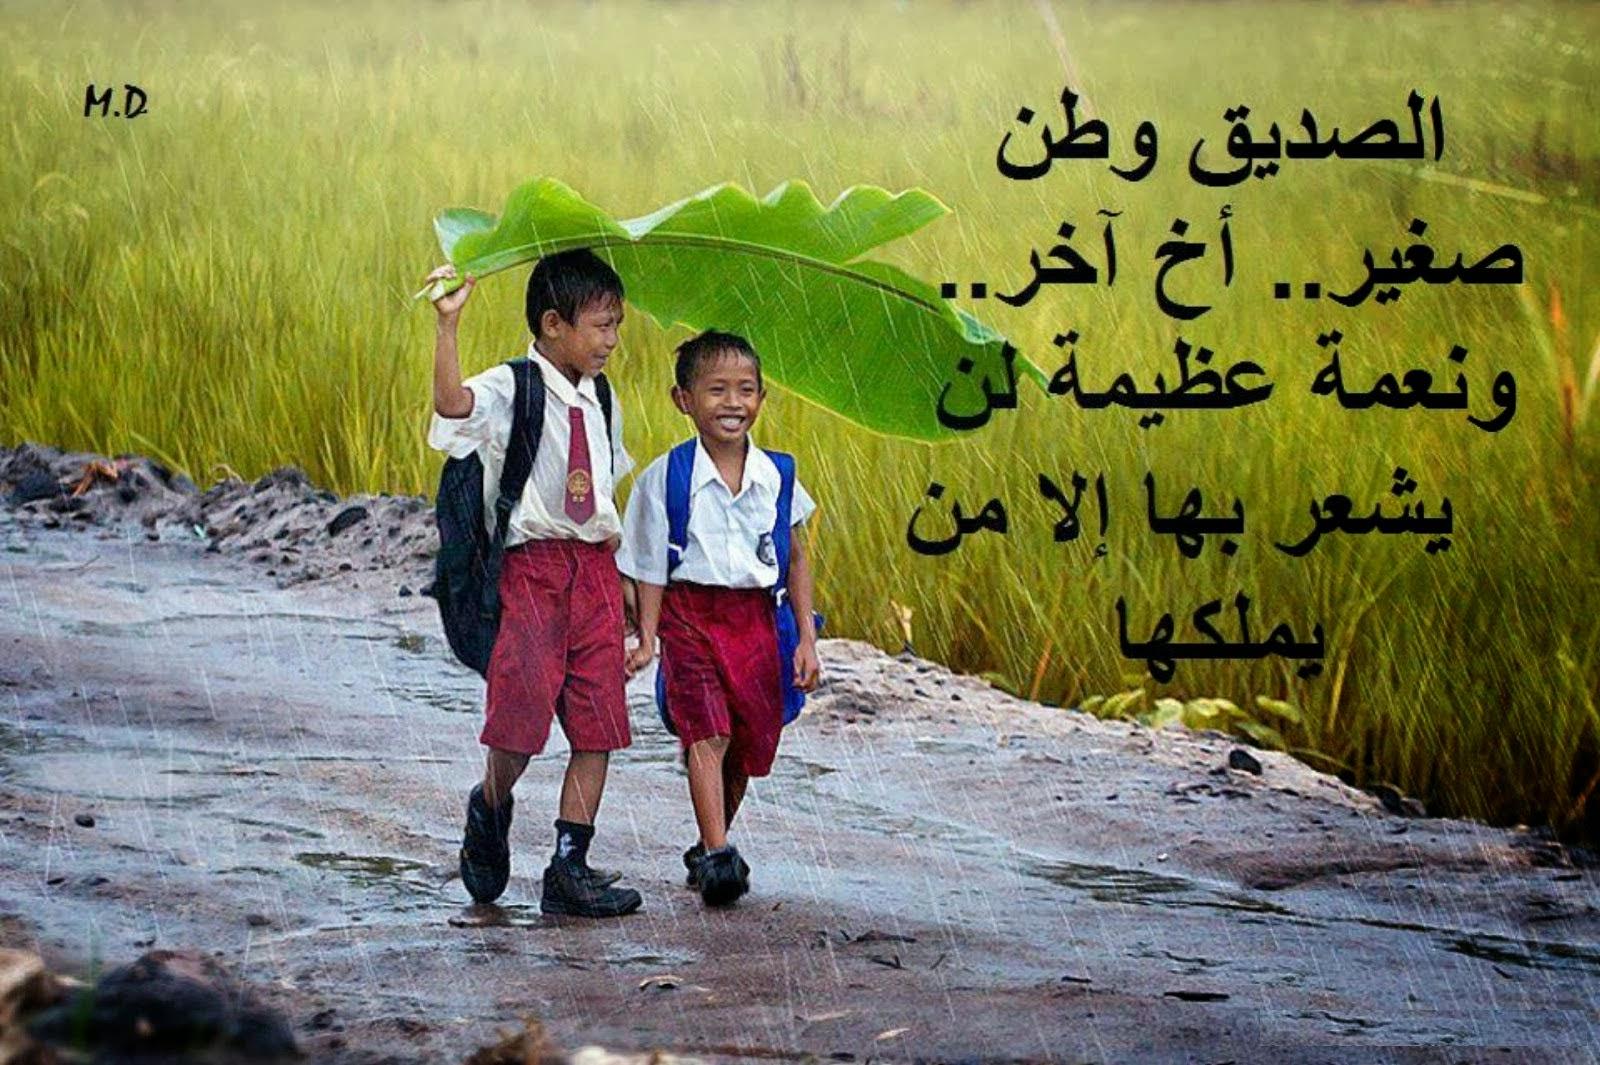 بالصور كلمات جميلة عن الصداقة , الصداقة من اسمى العلاقات 6215 9